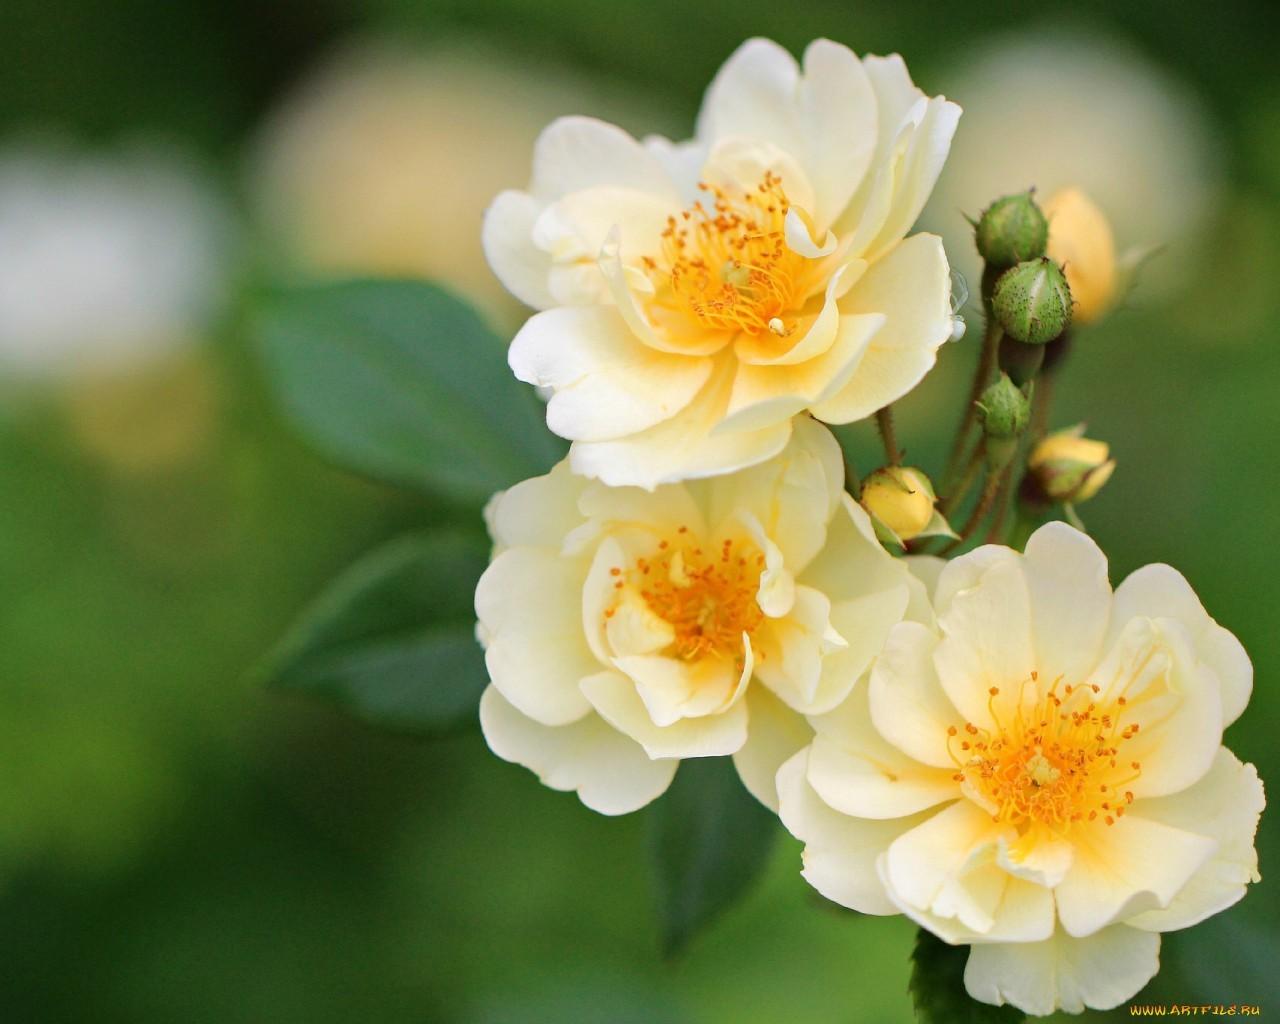 18118 скачать обои Растения, Цветы - заставки и картинки бесплатно